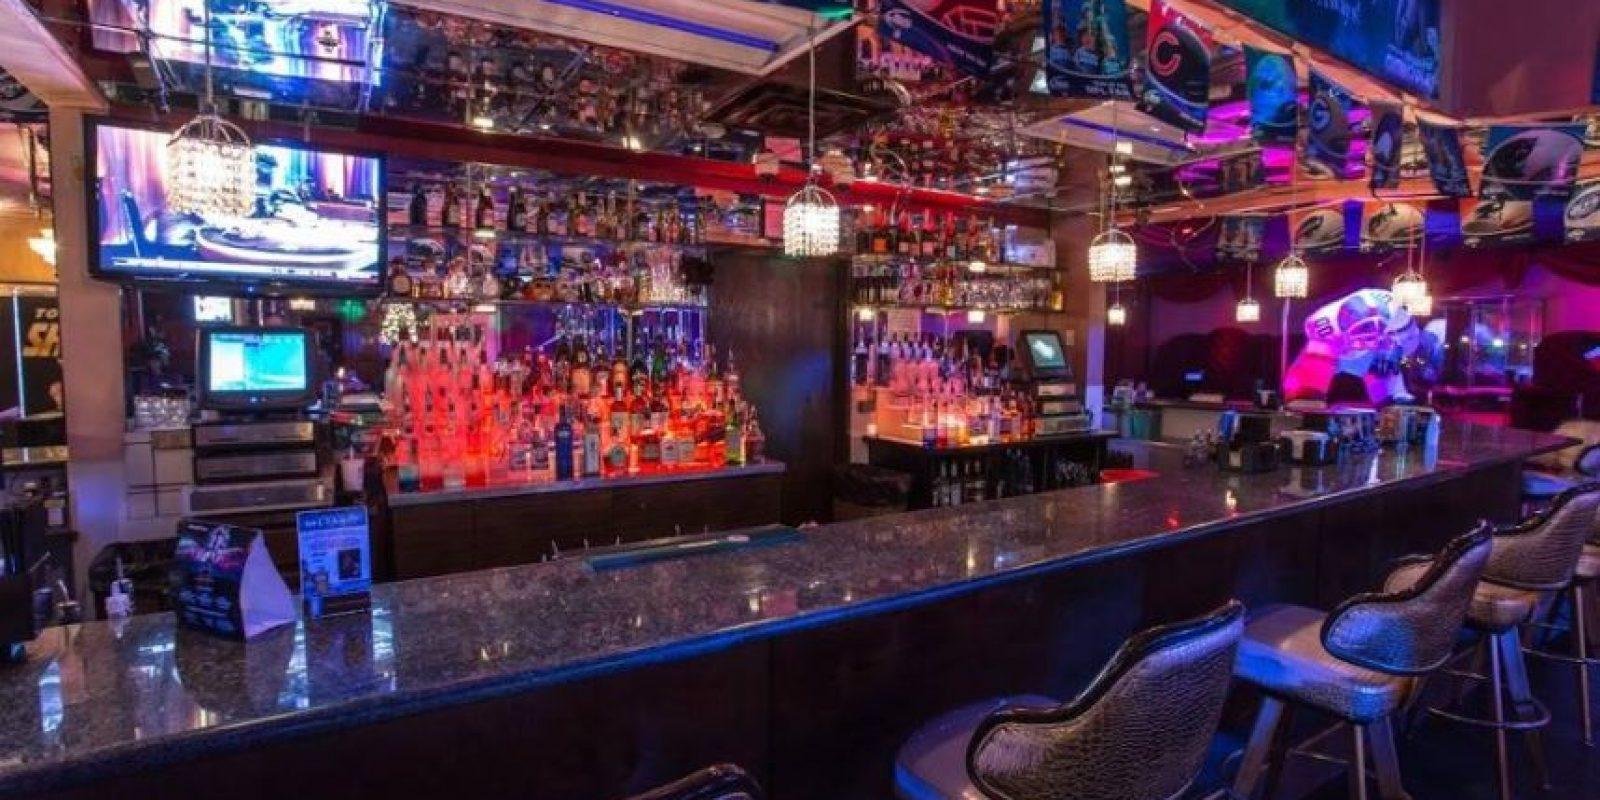 """El """"Deja Vu Showgirls Las Vegas"""" se despide anunciando que el día del evento las bebidas y las botellas mantendrán su precio regular de 3 y 69 dólares respectivamente. Foto:Vía facebook.com/dejavushowgirlsvegas"""